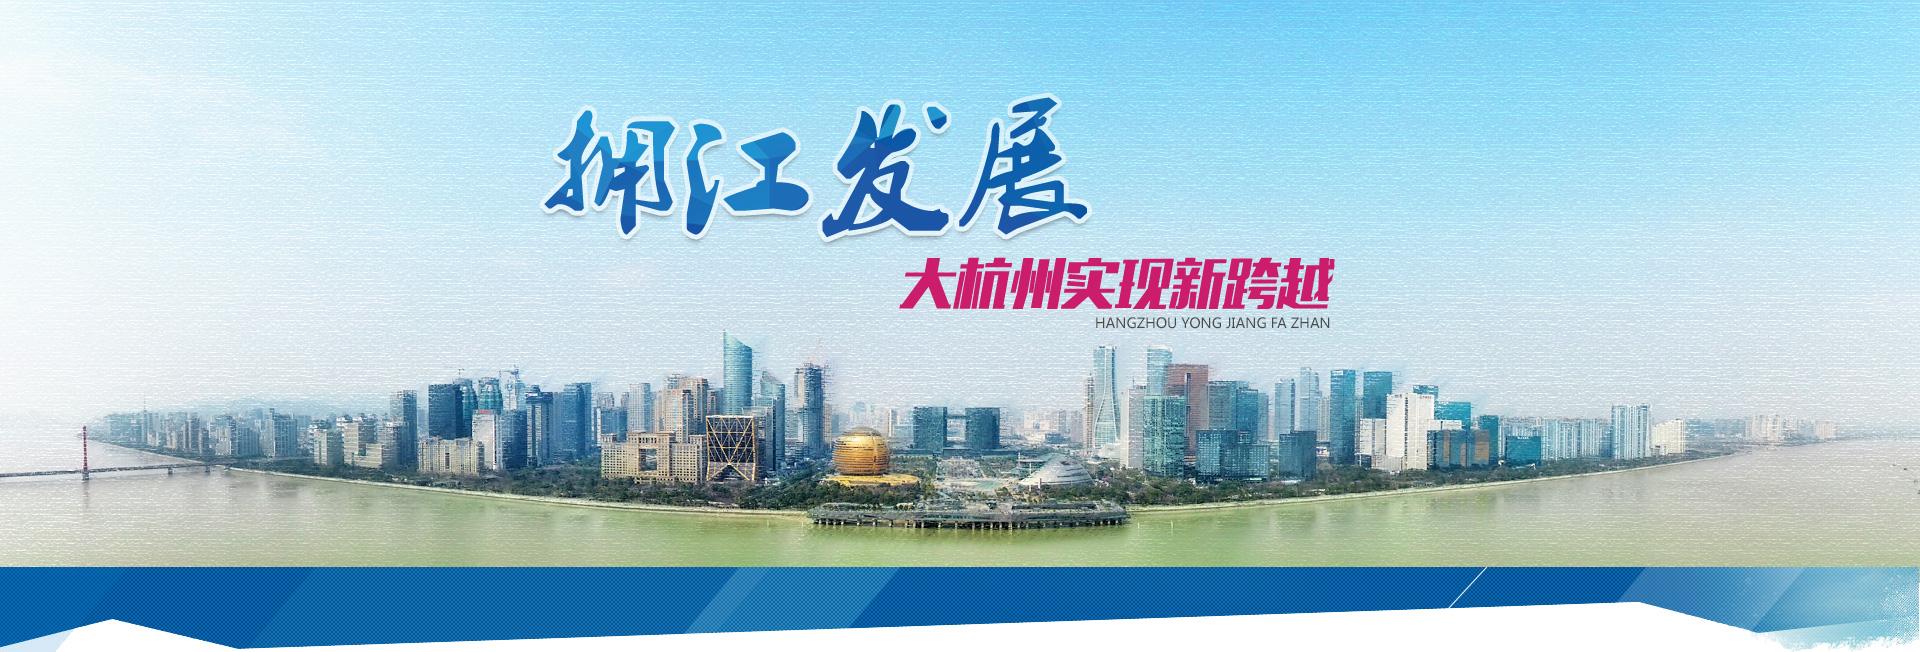 拥江发展 大杭州实现新跨越